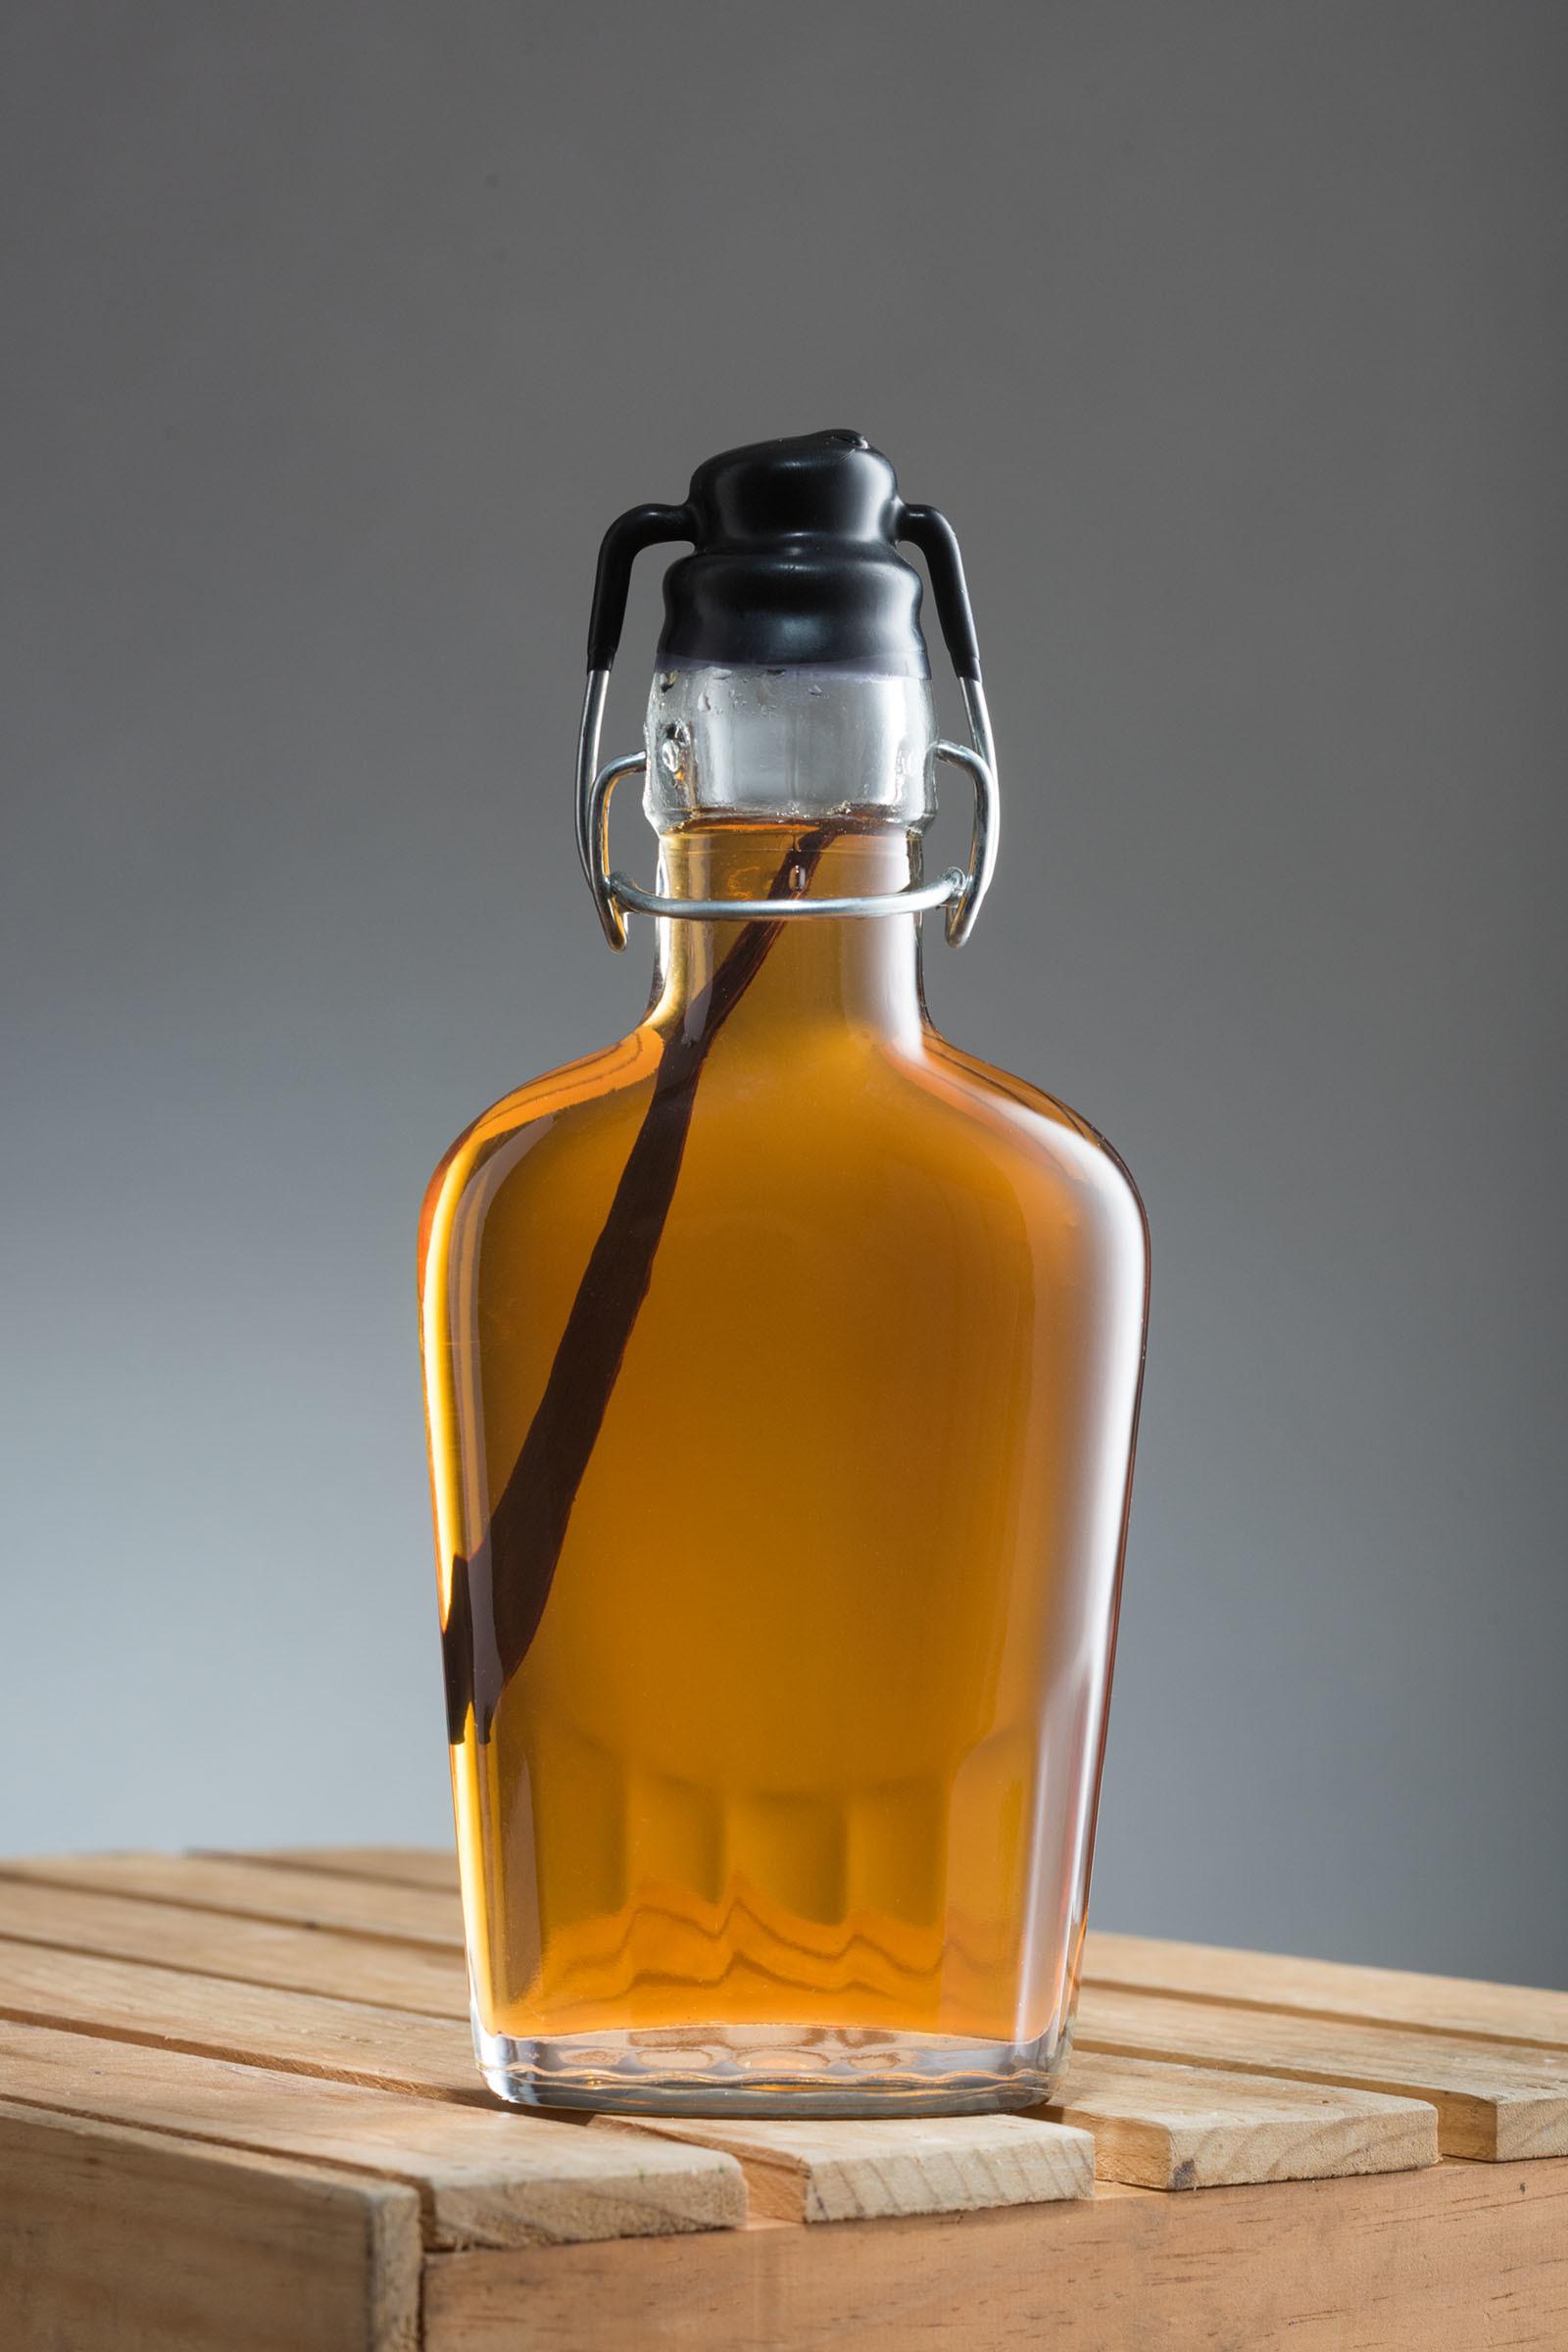 Cinnamon-Infused Maple Syrup 00043